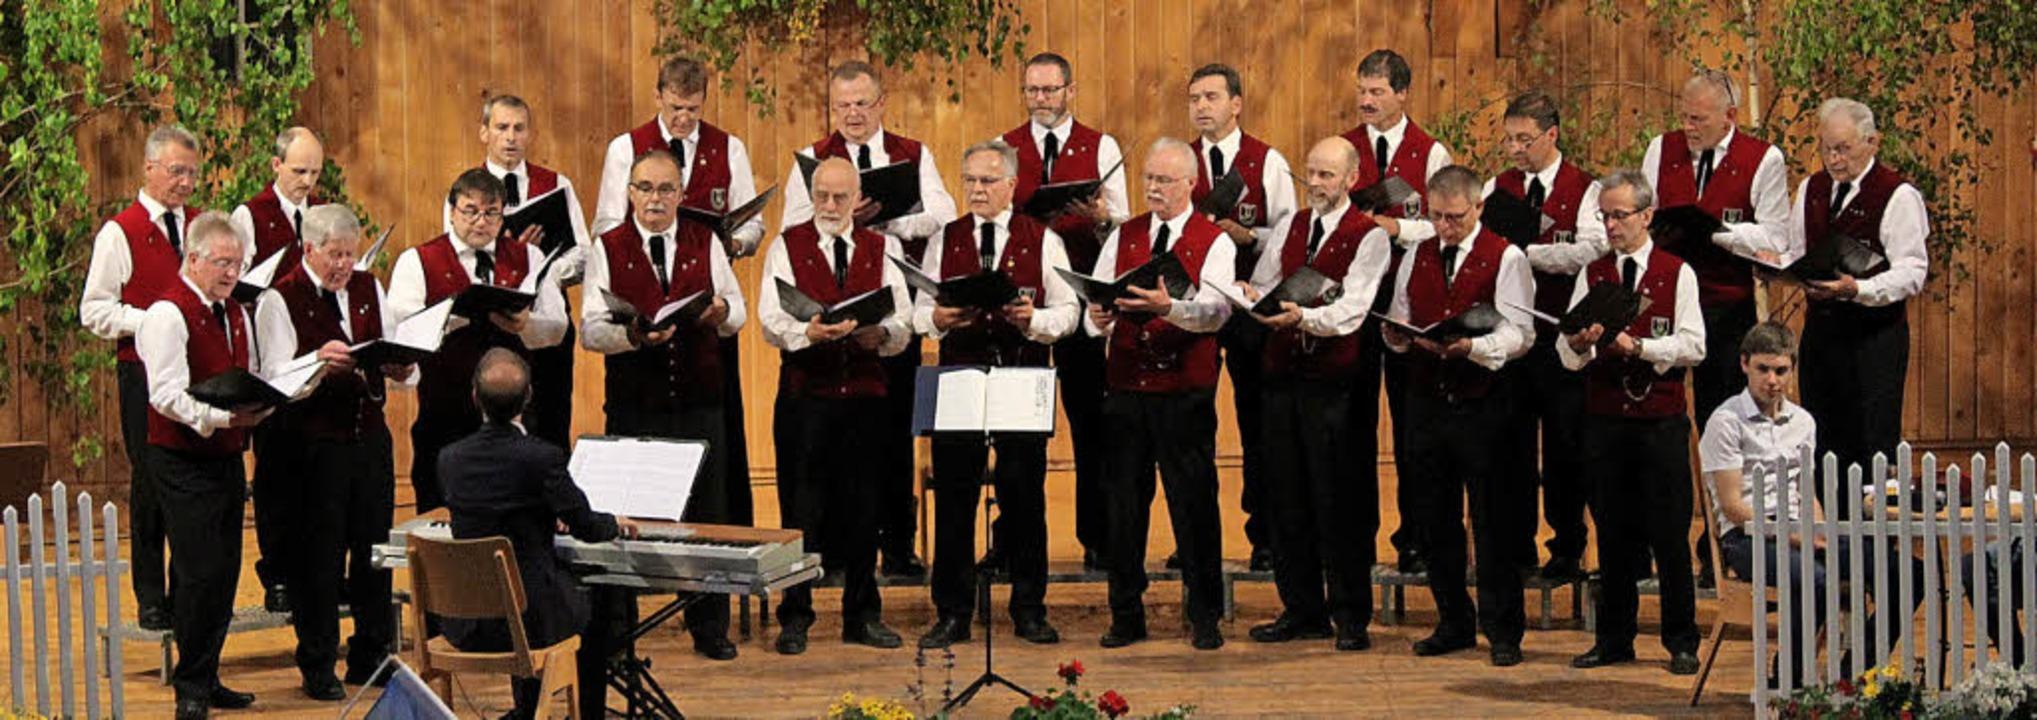 Ein  abwechslungsreiches Programm boten die Sänger in der Schwarzwaldhalle dar.   | Foto: Erich Krieger